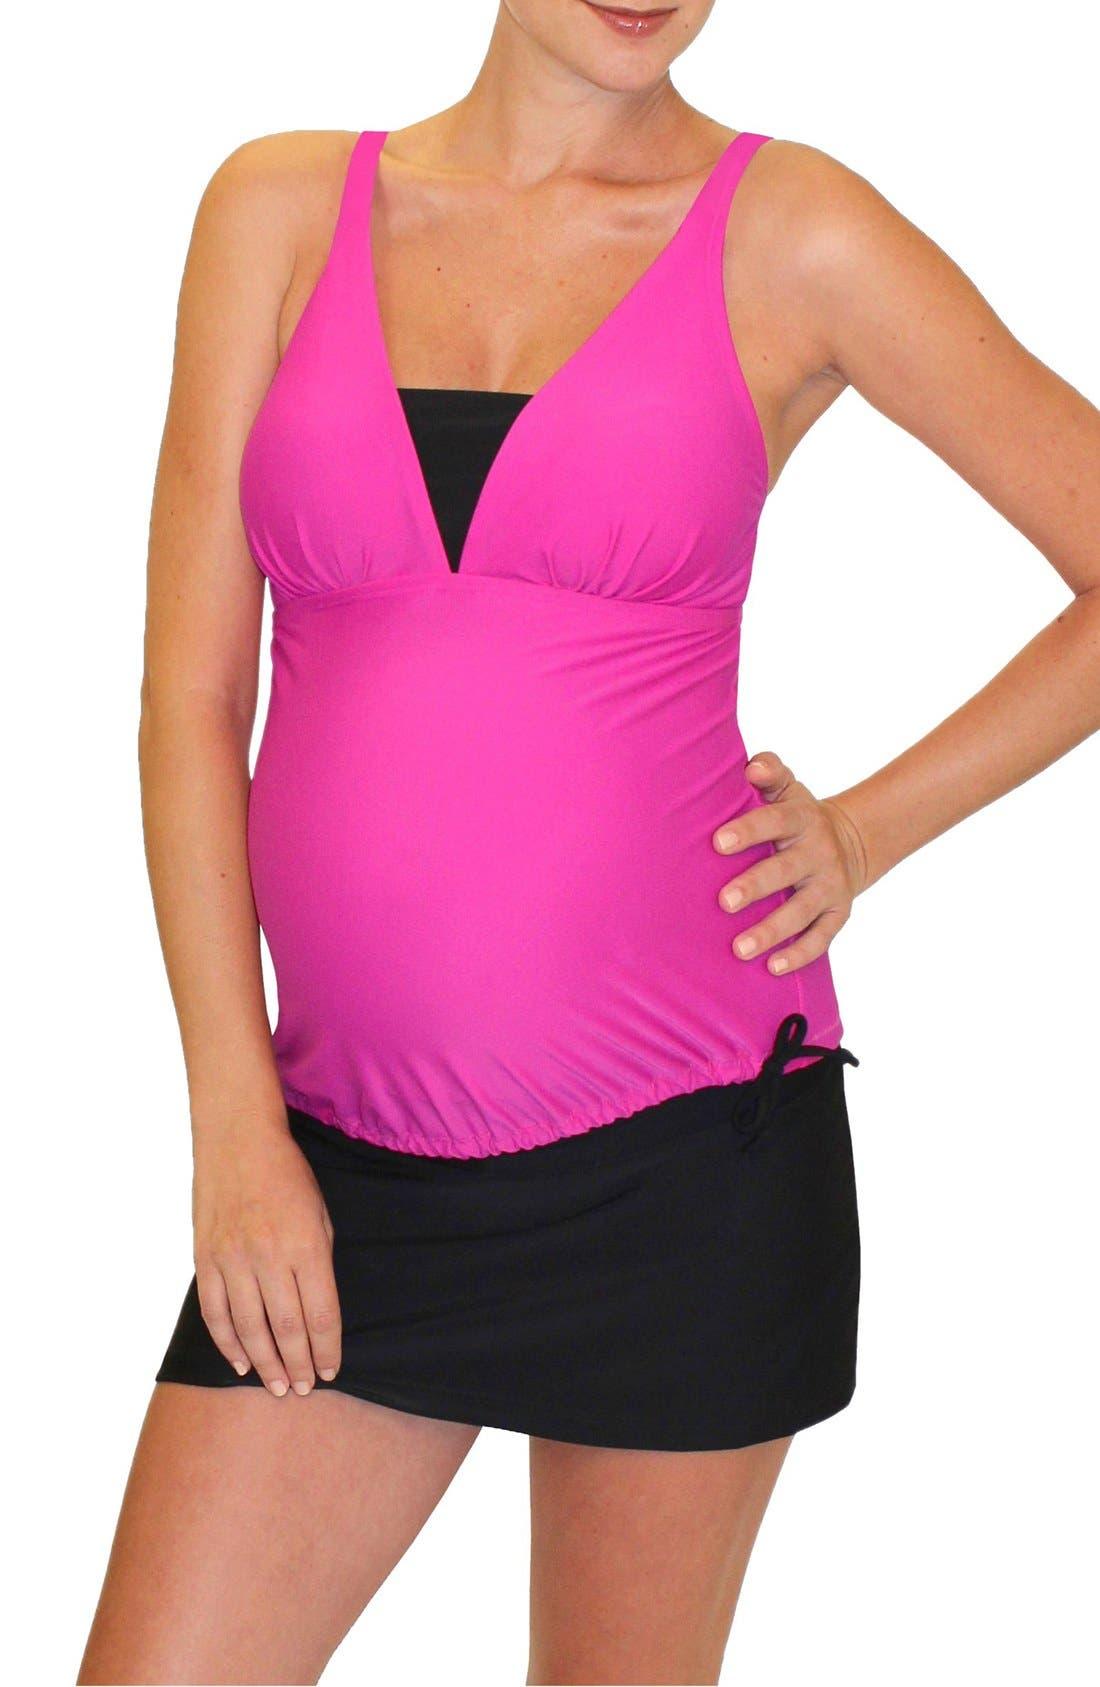 Main Image - Mermaid Maternity Tankini Top